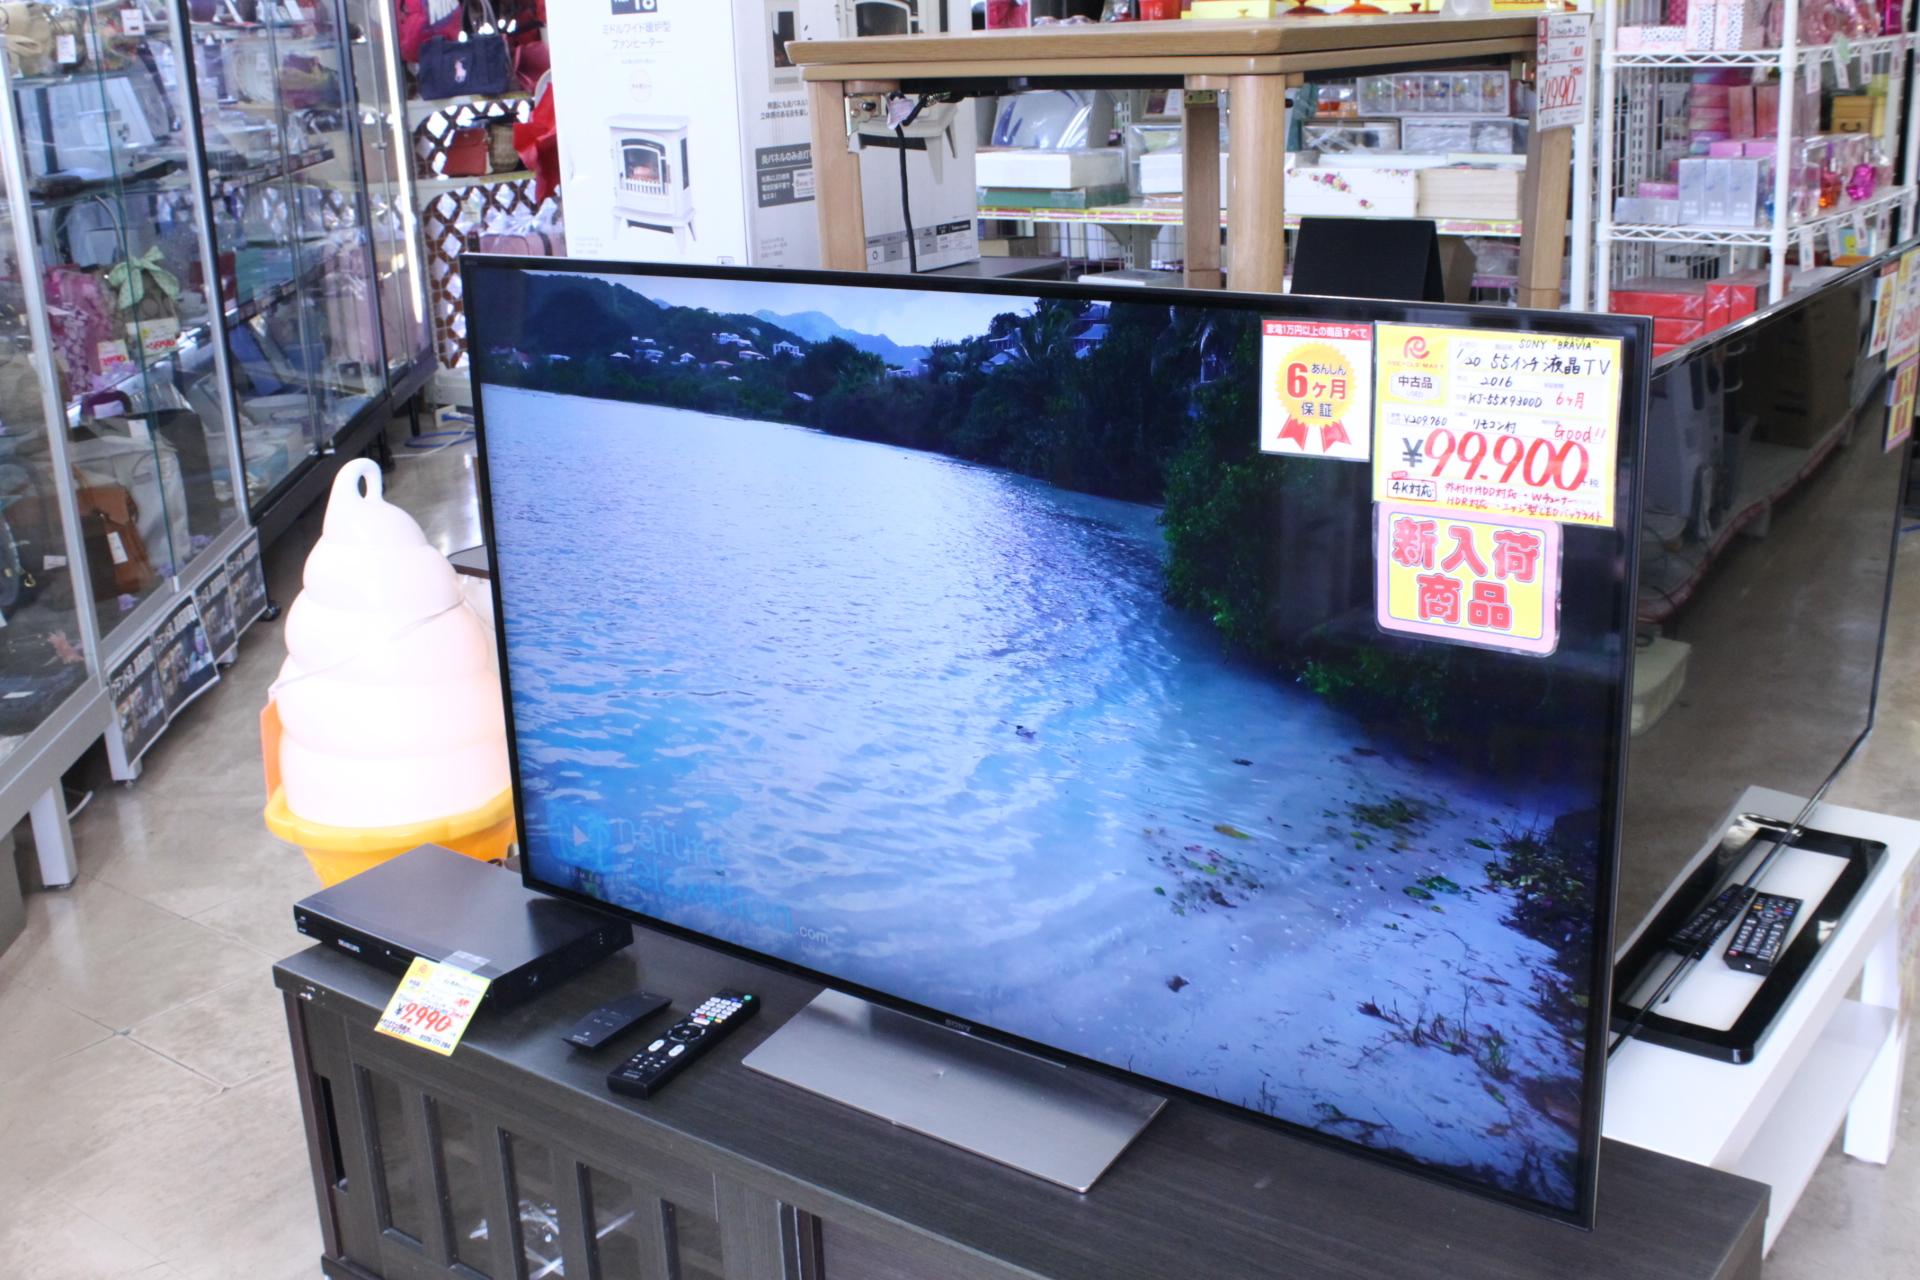 【SONY ソニー 55インチ 55型 液晶テレビ BRAVIA ブラビア 2016年製 KJ-55X9300D 】を買取させて頂きました!の買取-